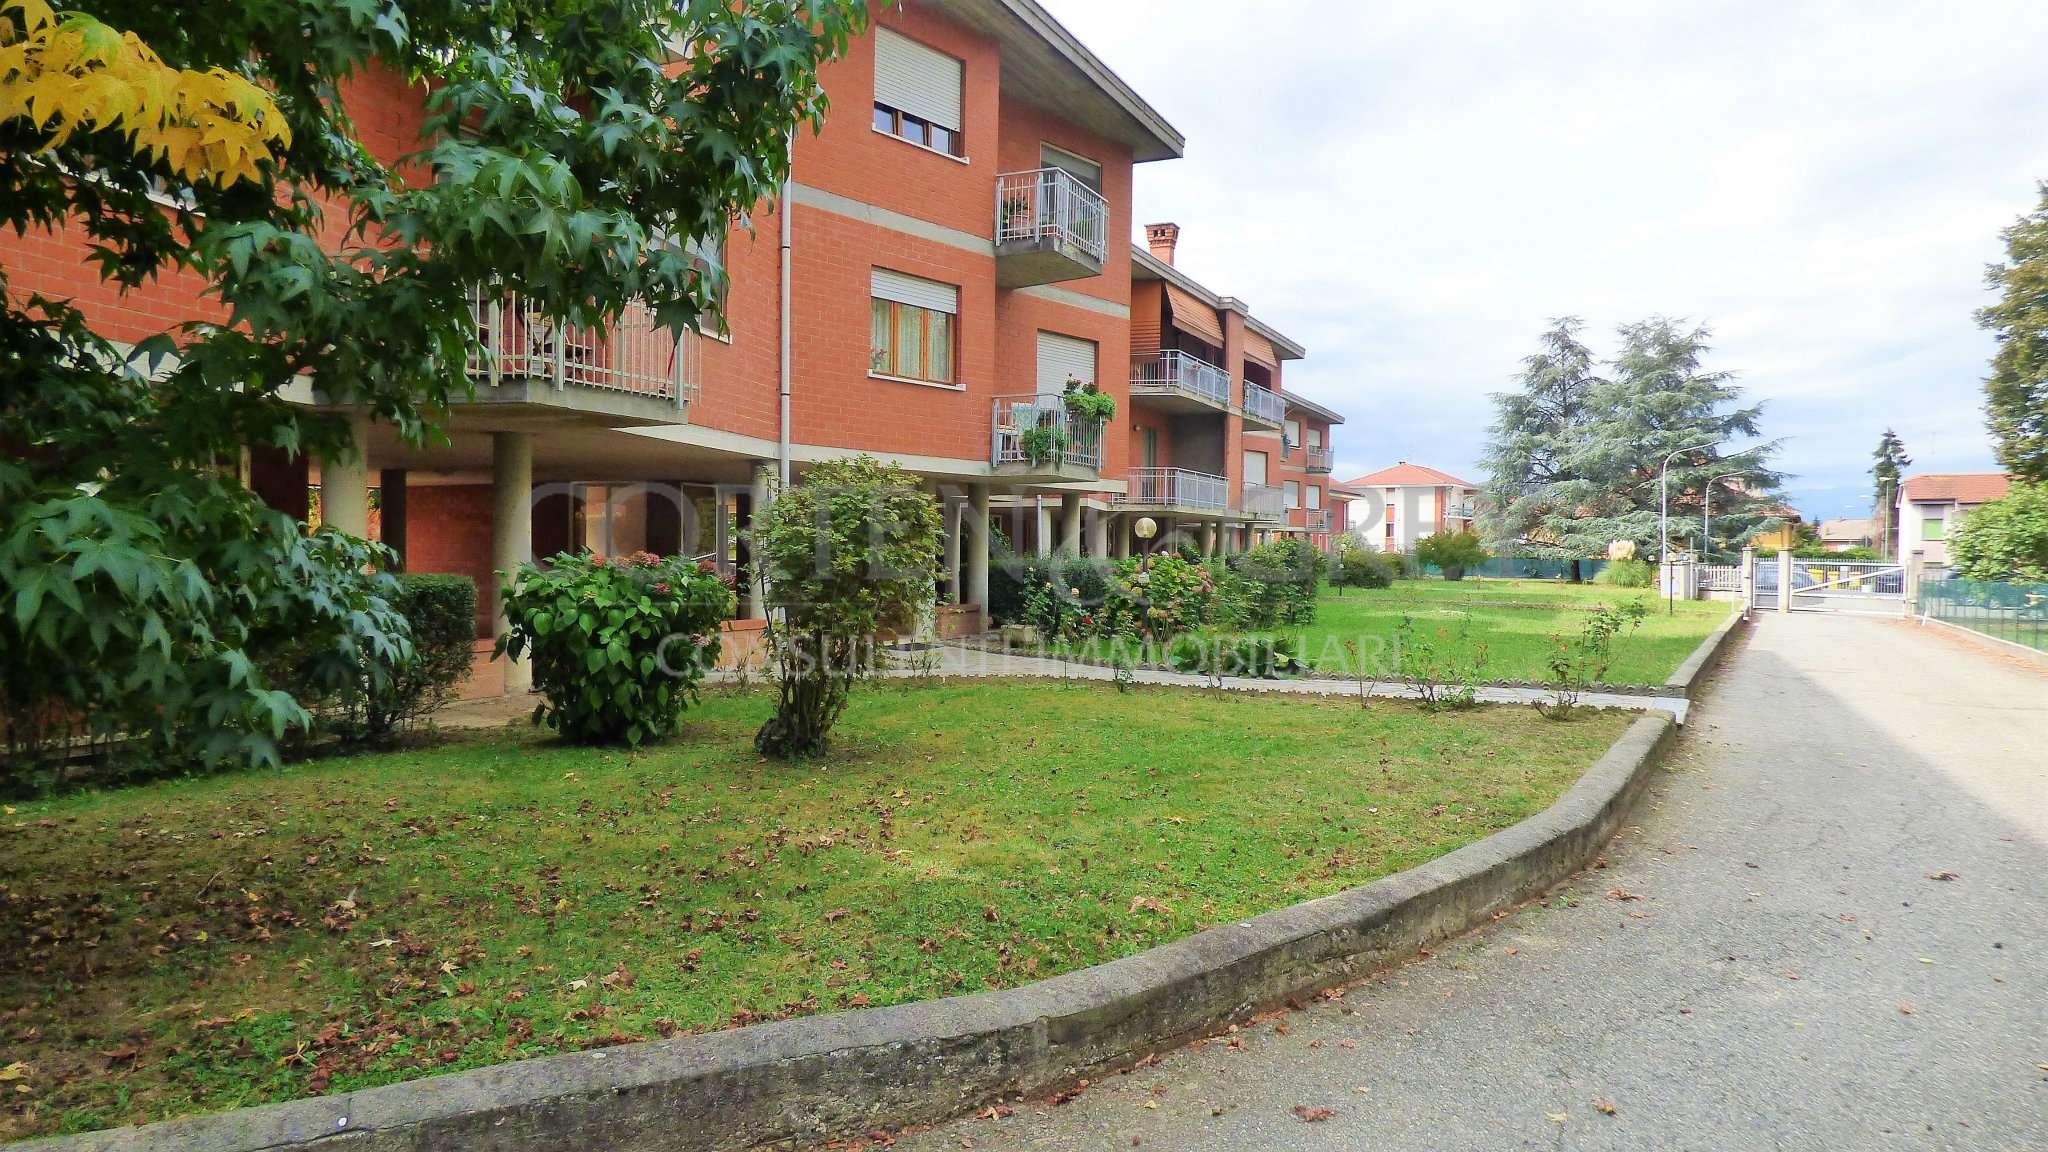 Appartamento in vendita a Gassino Torinese, 4 locali, prezzo € 115.000 | CambioCasa.it